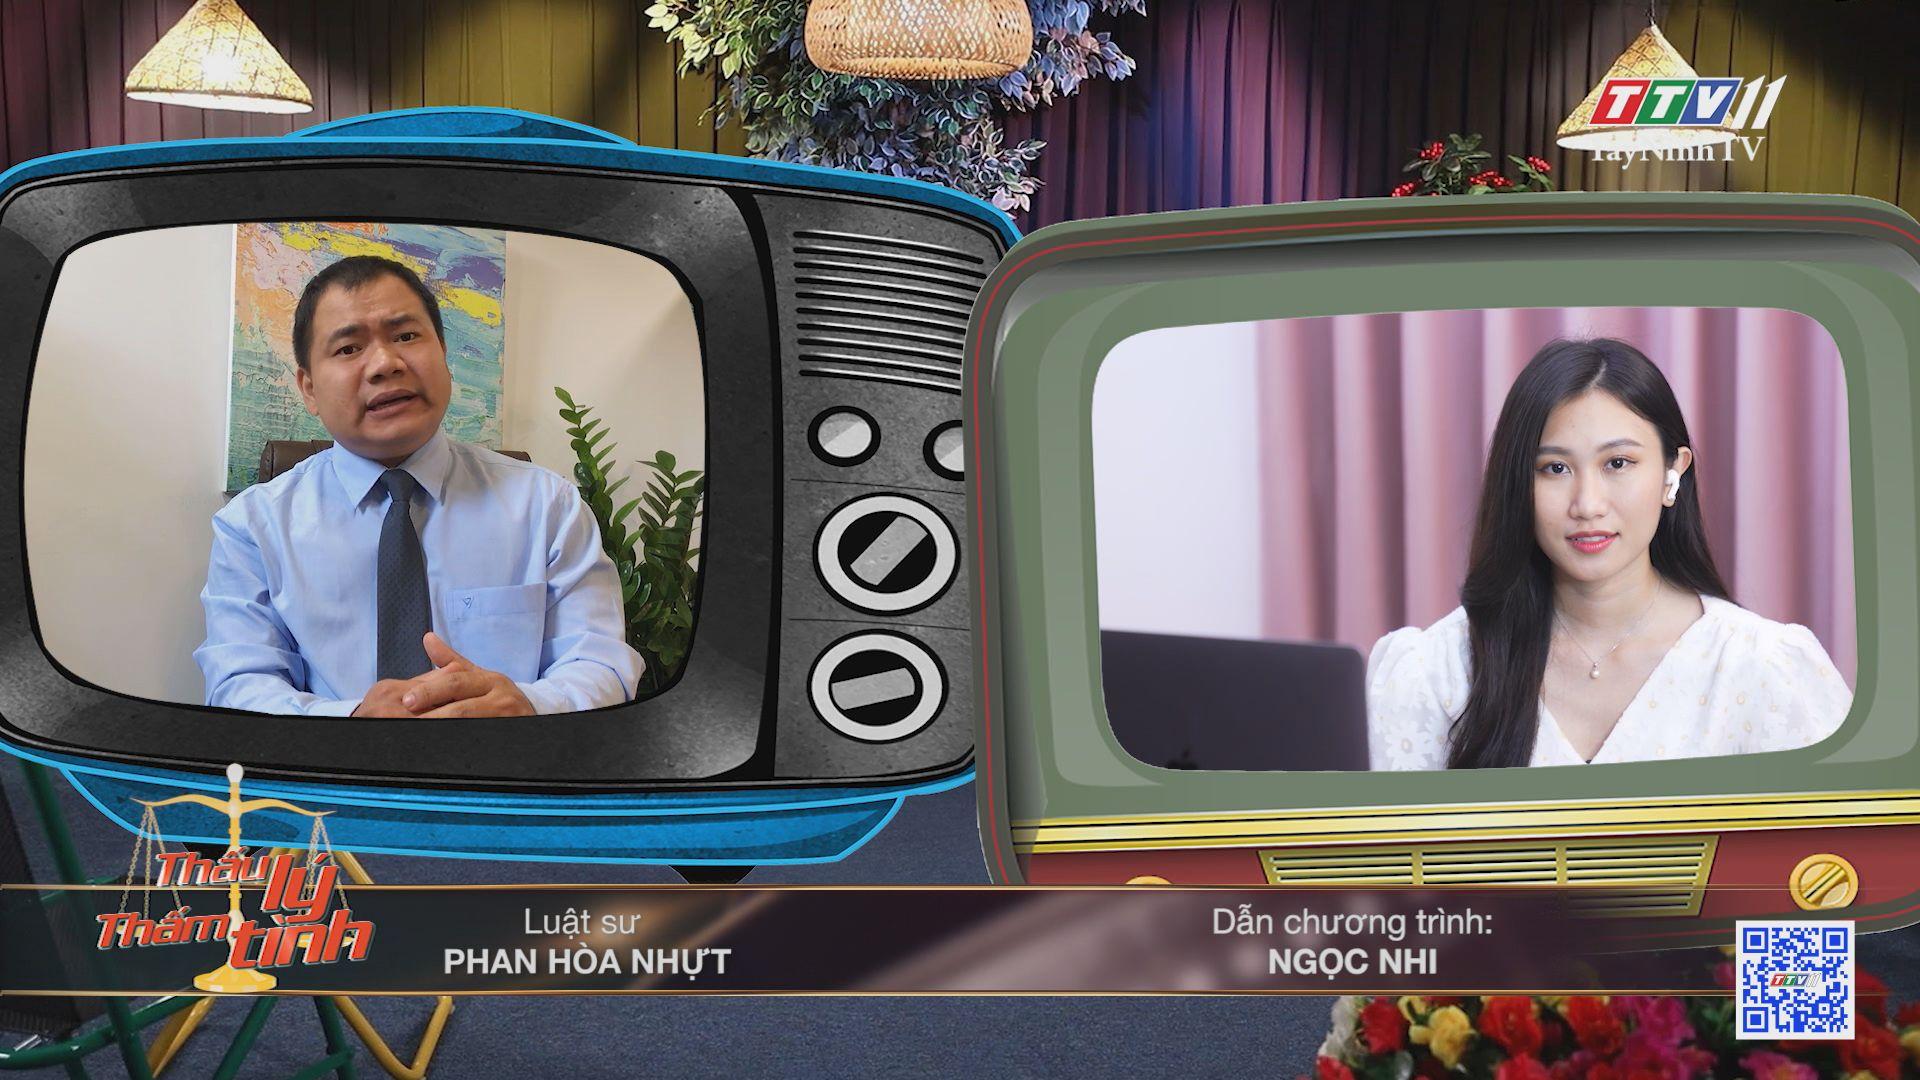 Cần tỉnh táo chọn lọc thông tin mùa Covid-19 | THẤU LÝ THẤM TÌNH | TayNinhTVE